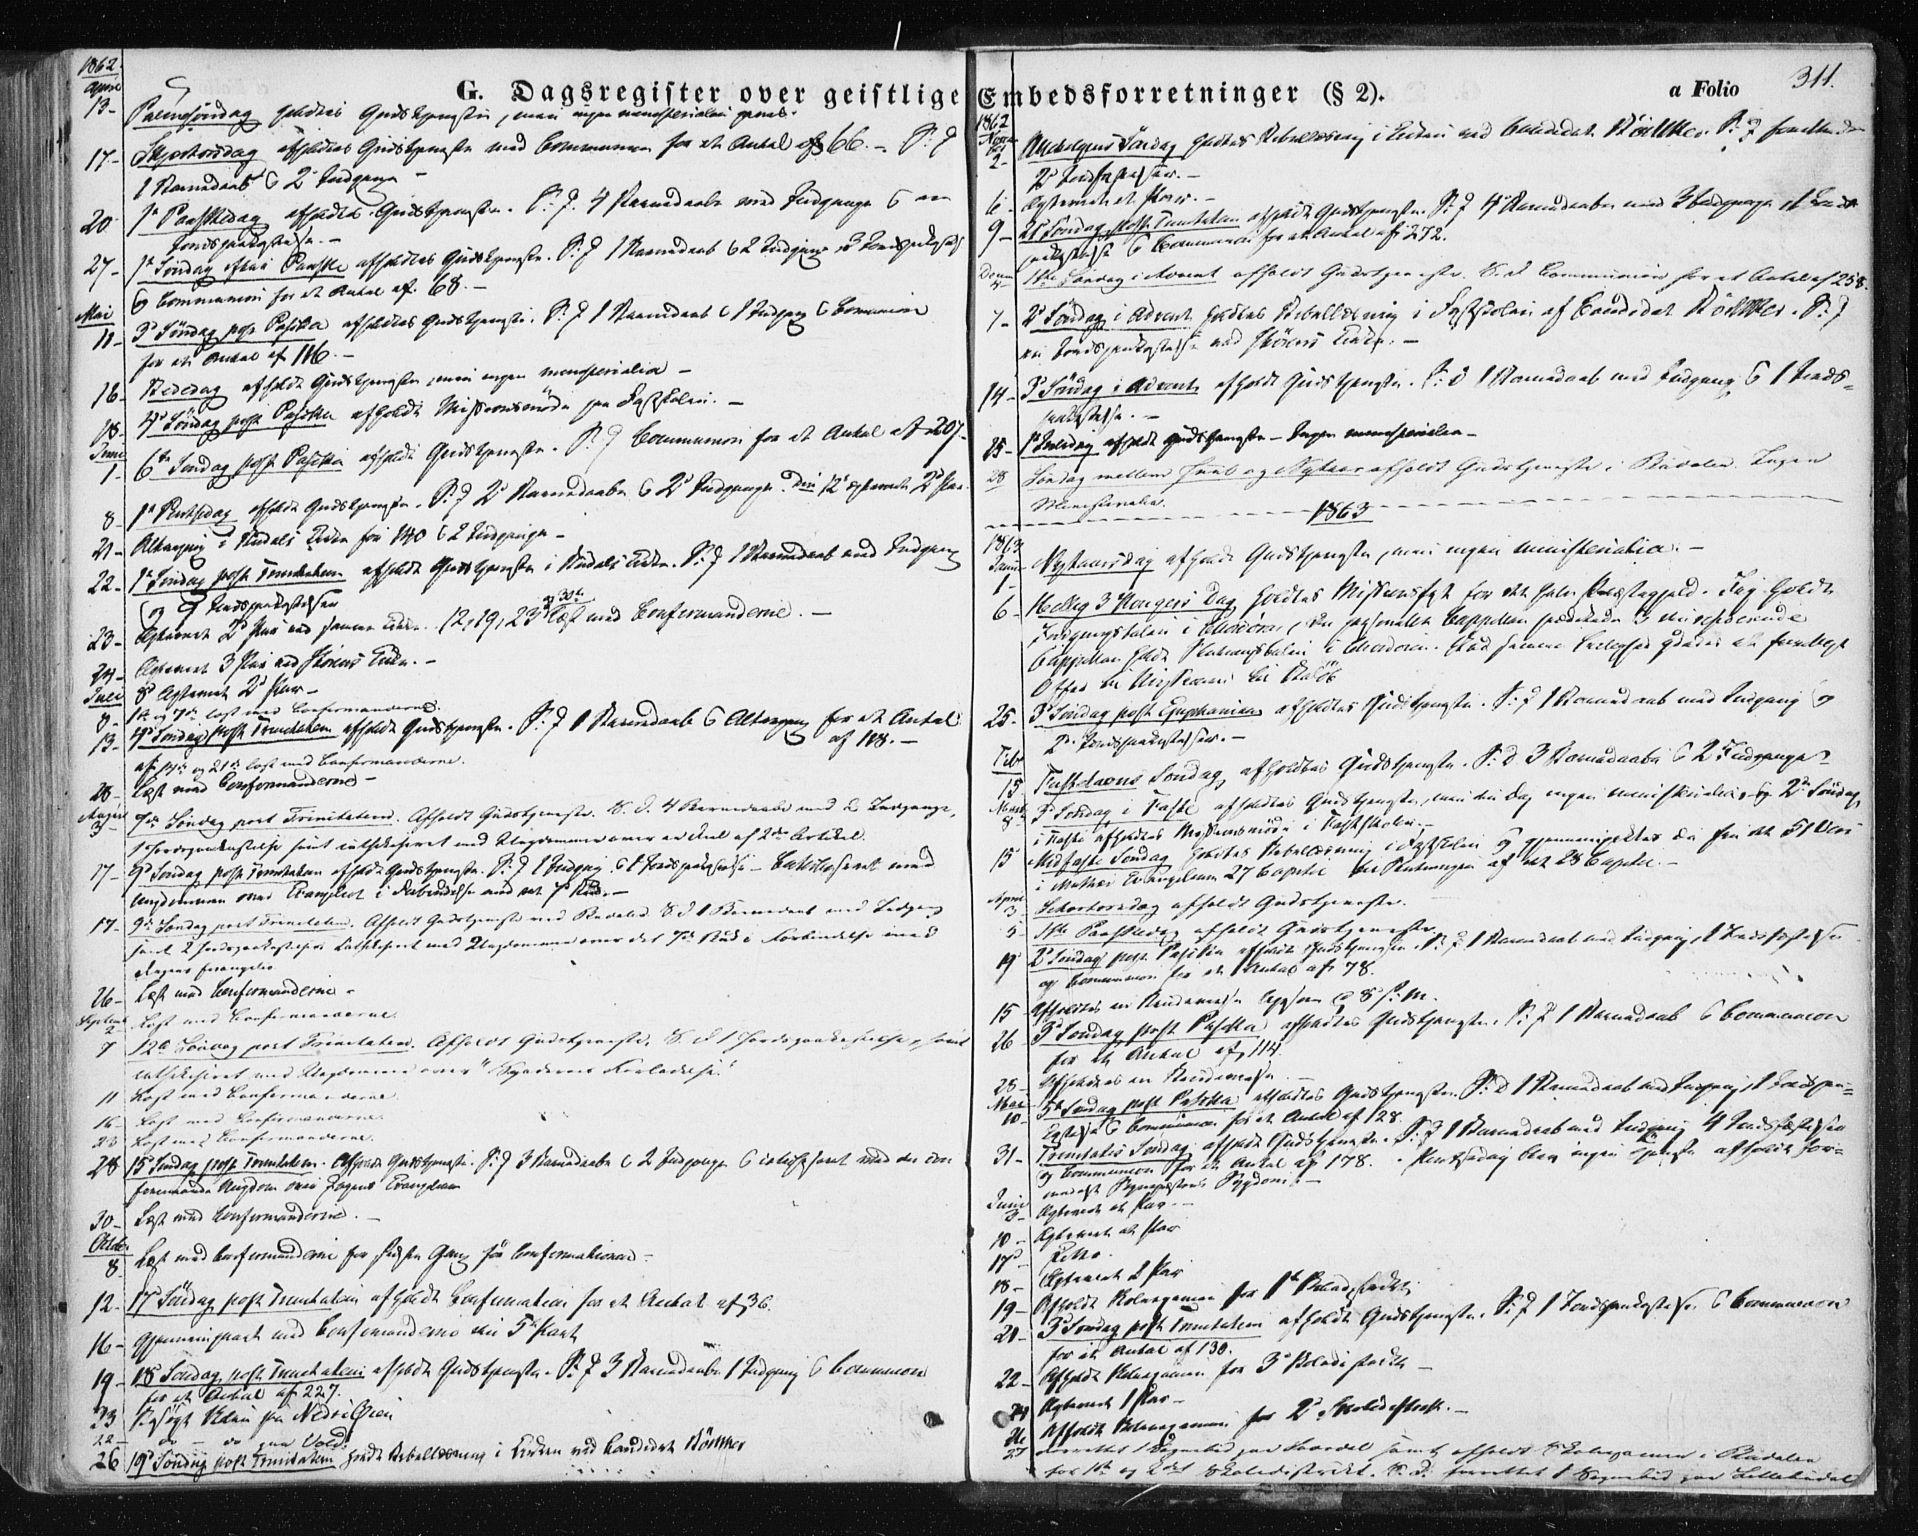 SAT, Ministerialprotokoller, klokkerbøker og fødselsregistre - Sør-Trøndelag, 687/L1000: Ministerialbok nr. 687A06, 1848-1869, s. 311